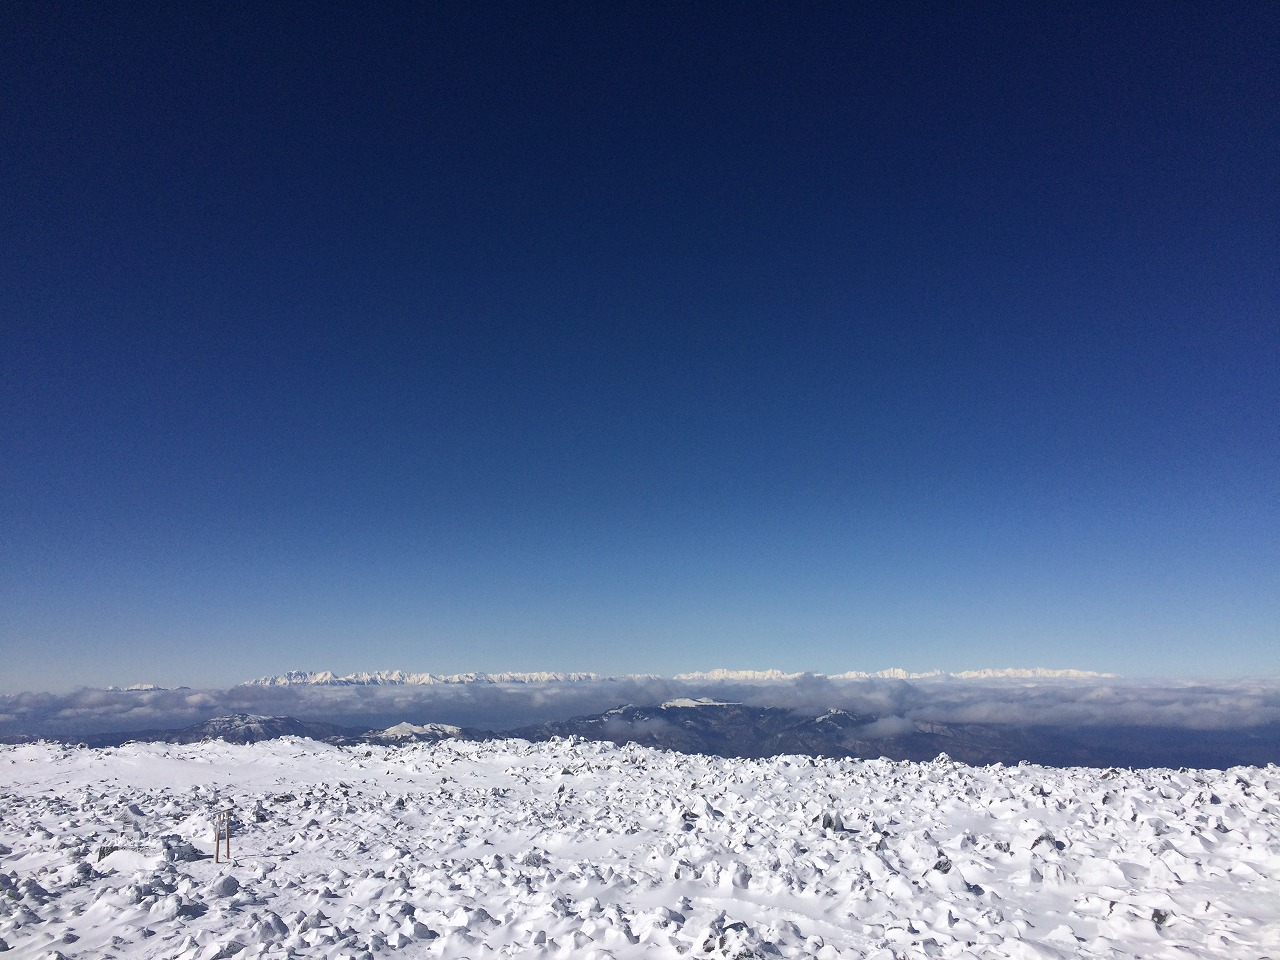 蓼科山から望む北アルプス。